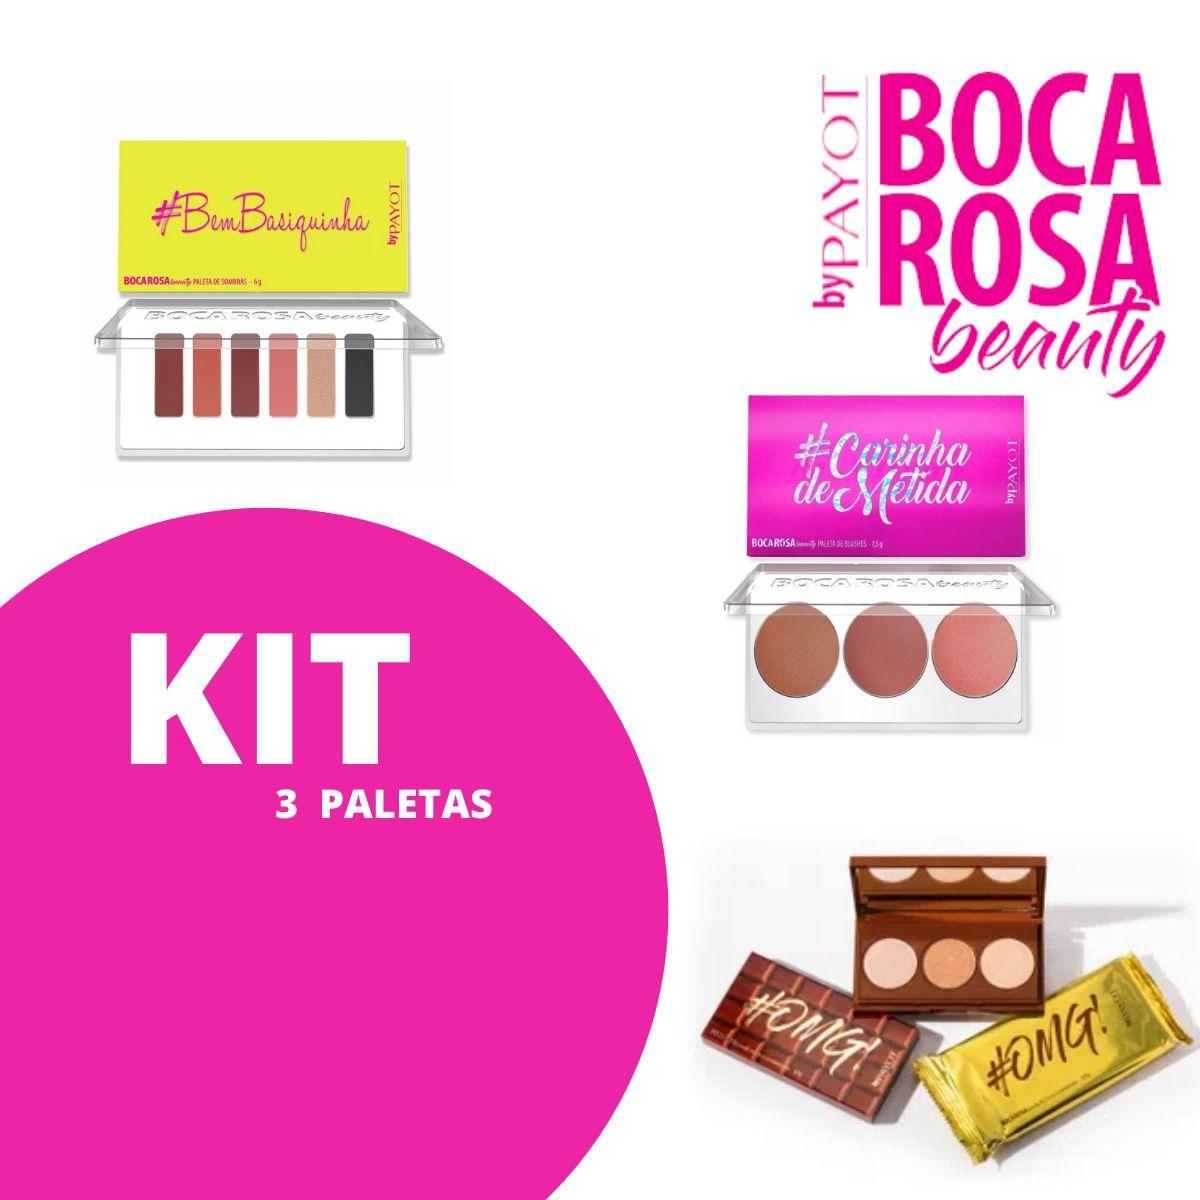 Kit 3 Paletas Boca Rosa - OMG Choco + Carinha de Metida + BemBasiquinha